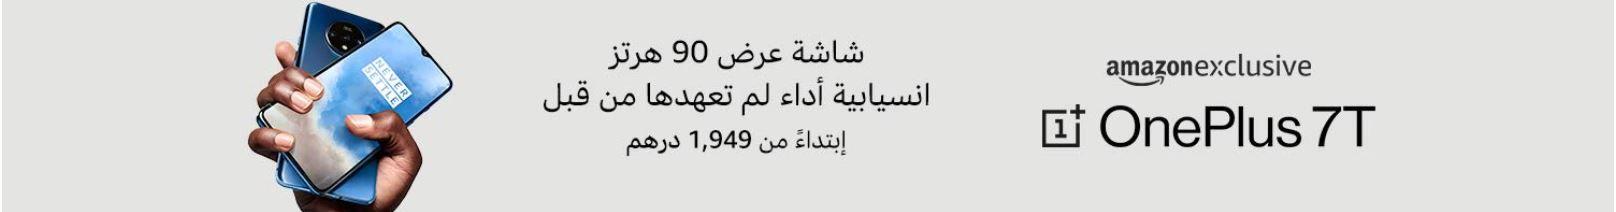 عروض امازون الامارات جوال ون بلس 7t